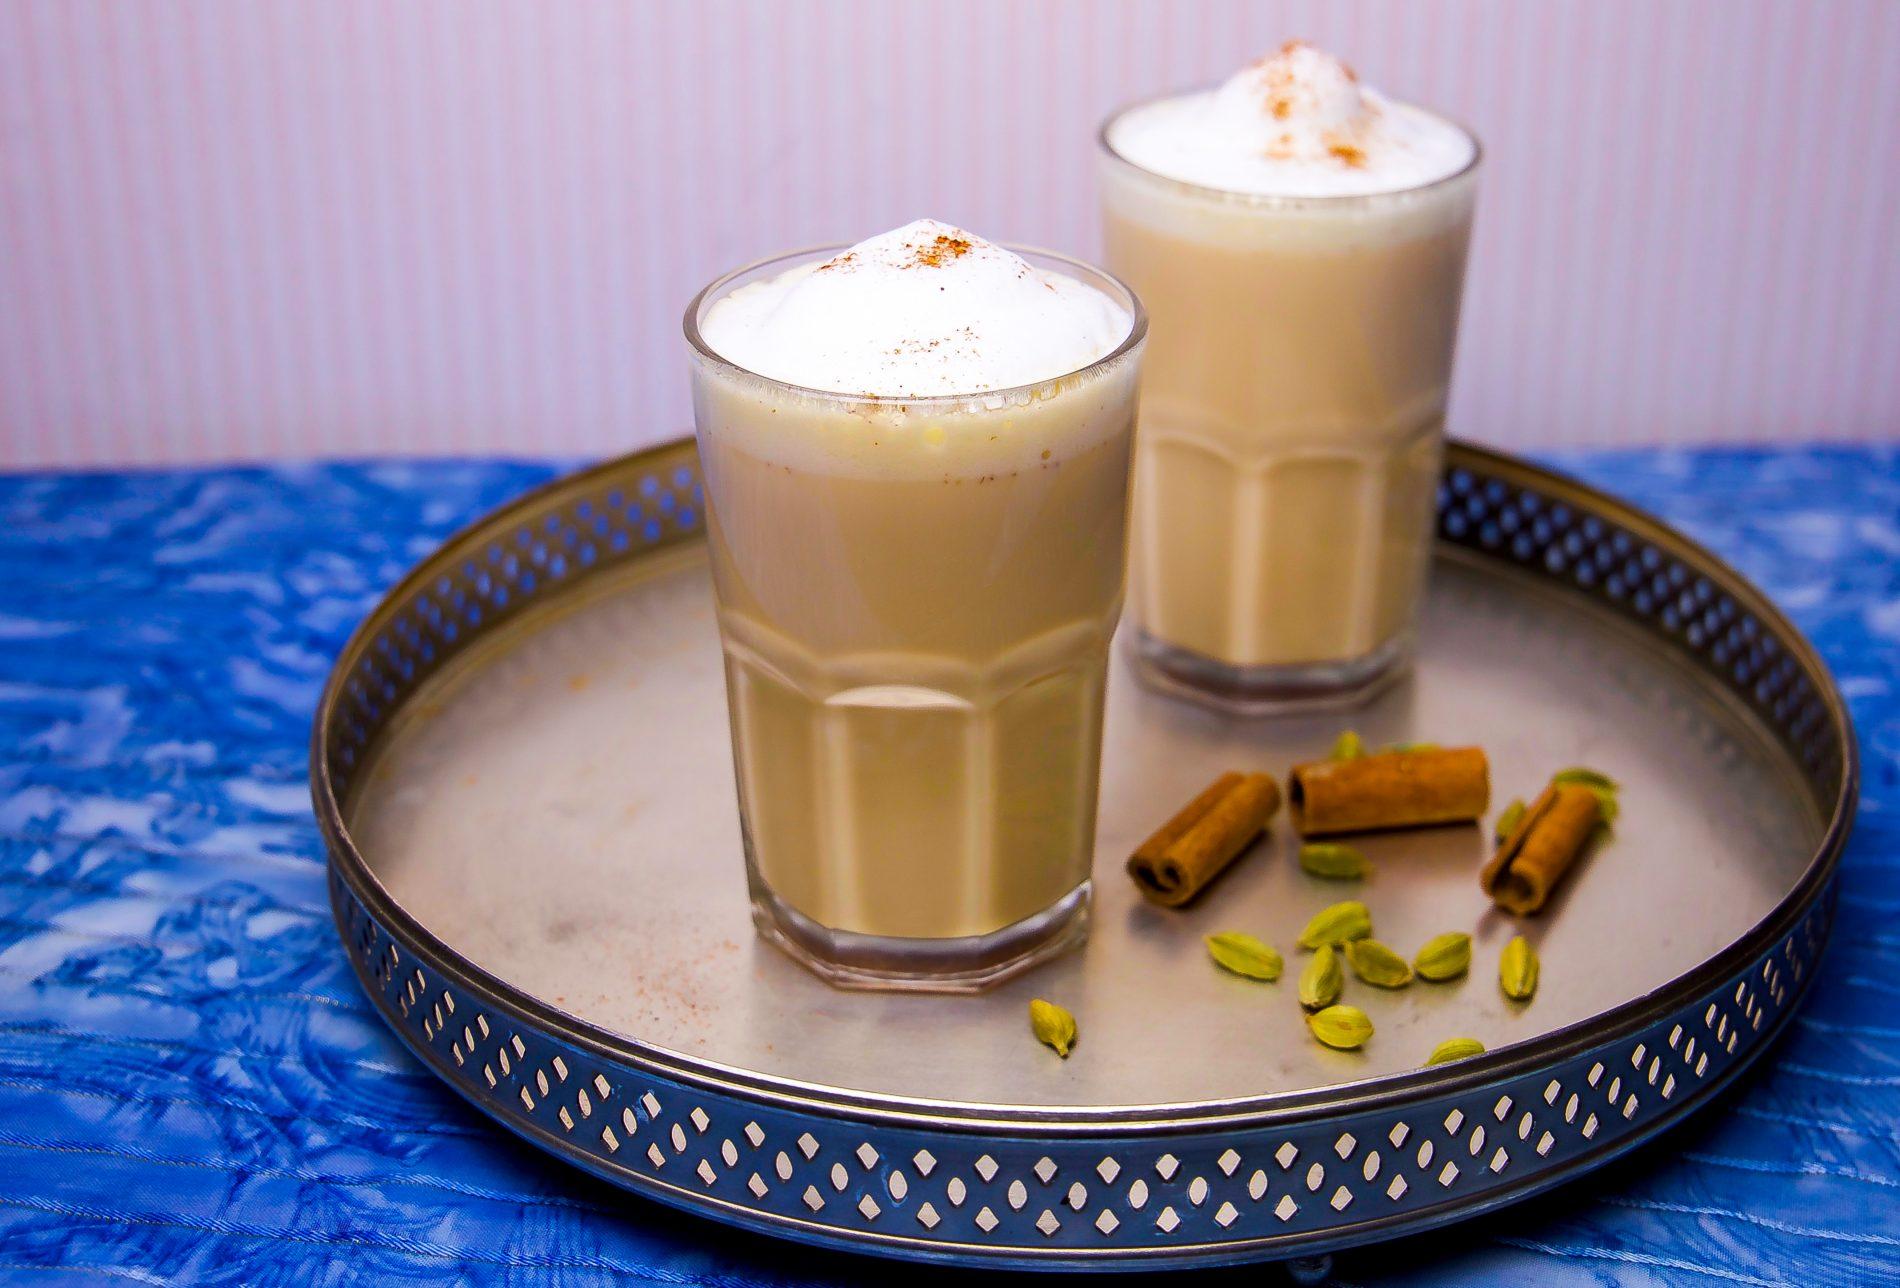 göra chai latte hemma